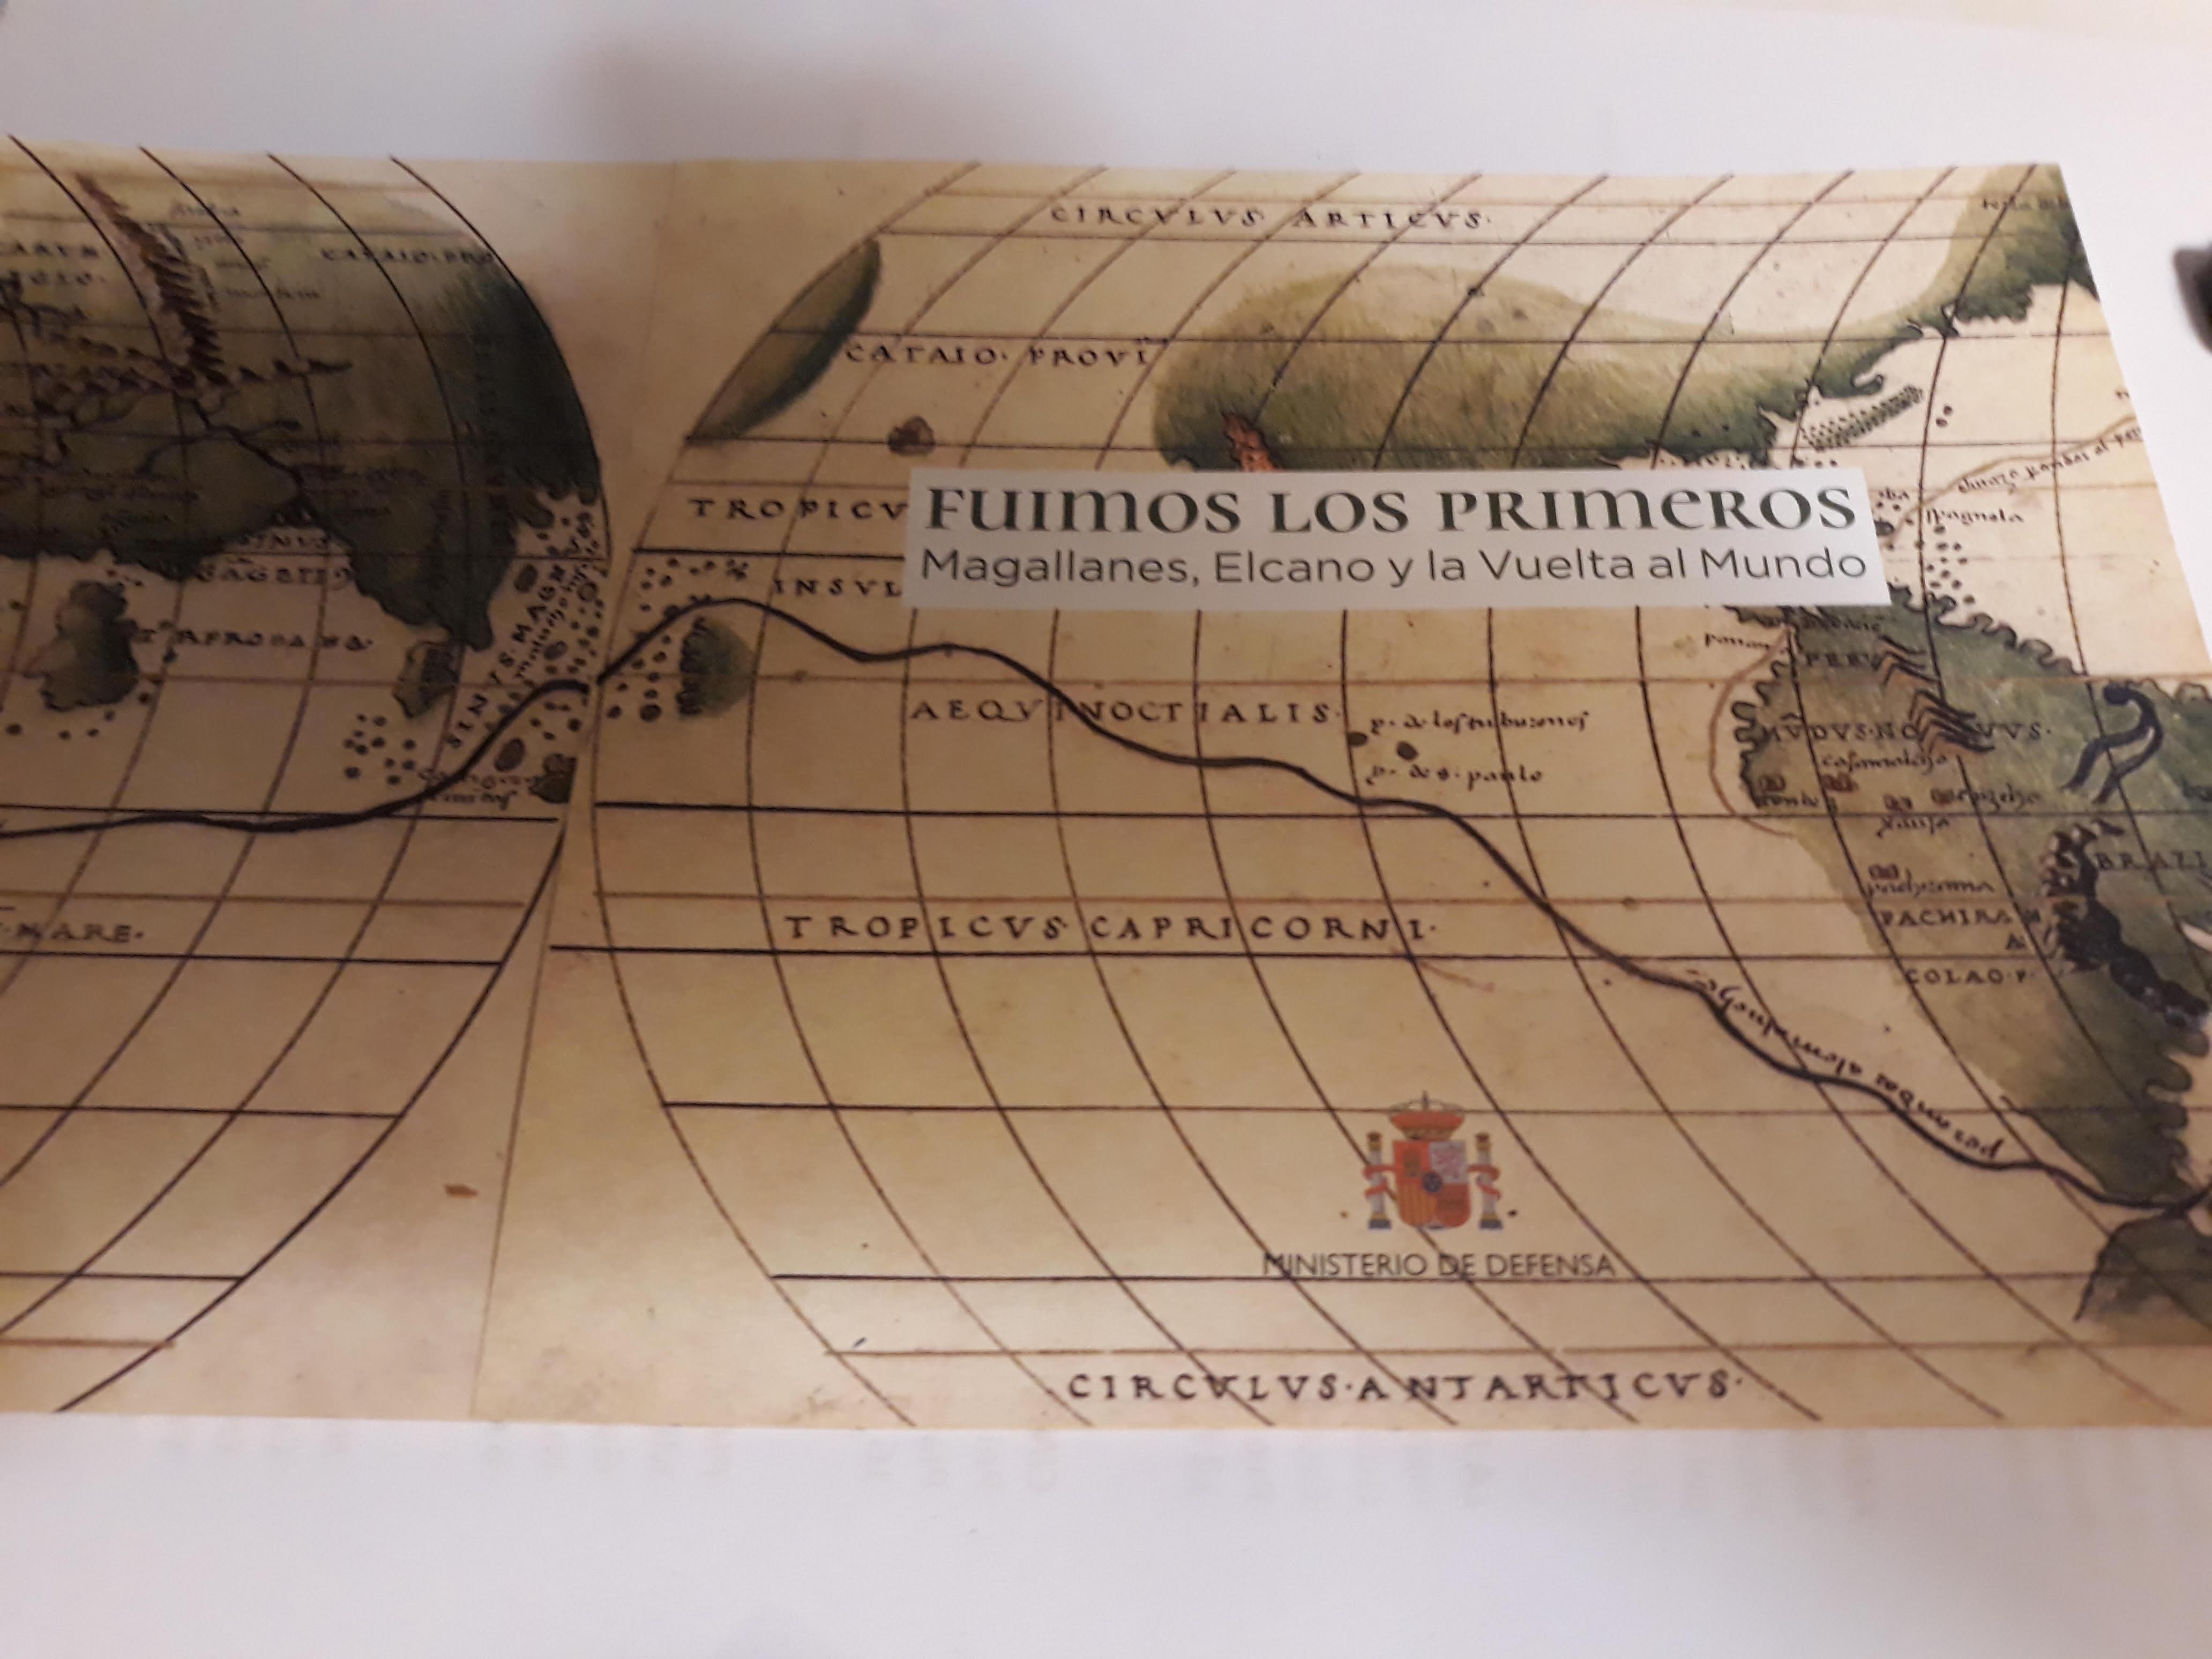 CABALLEROS  EN  LA  MAR Conmemoración de los 500 años de la primera vuelta al mundo